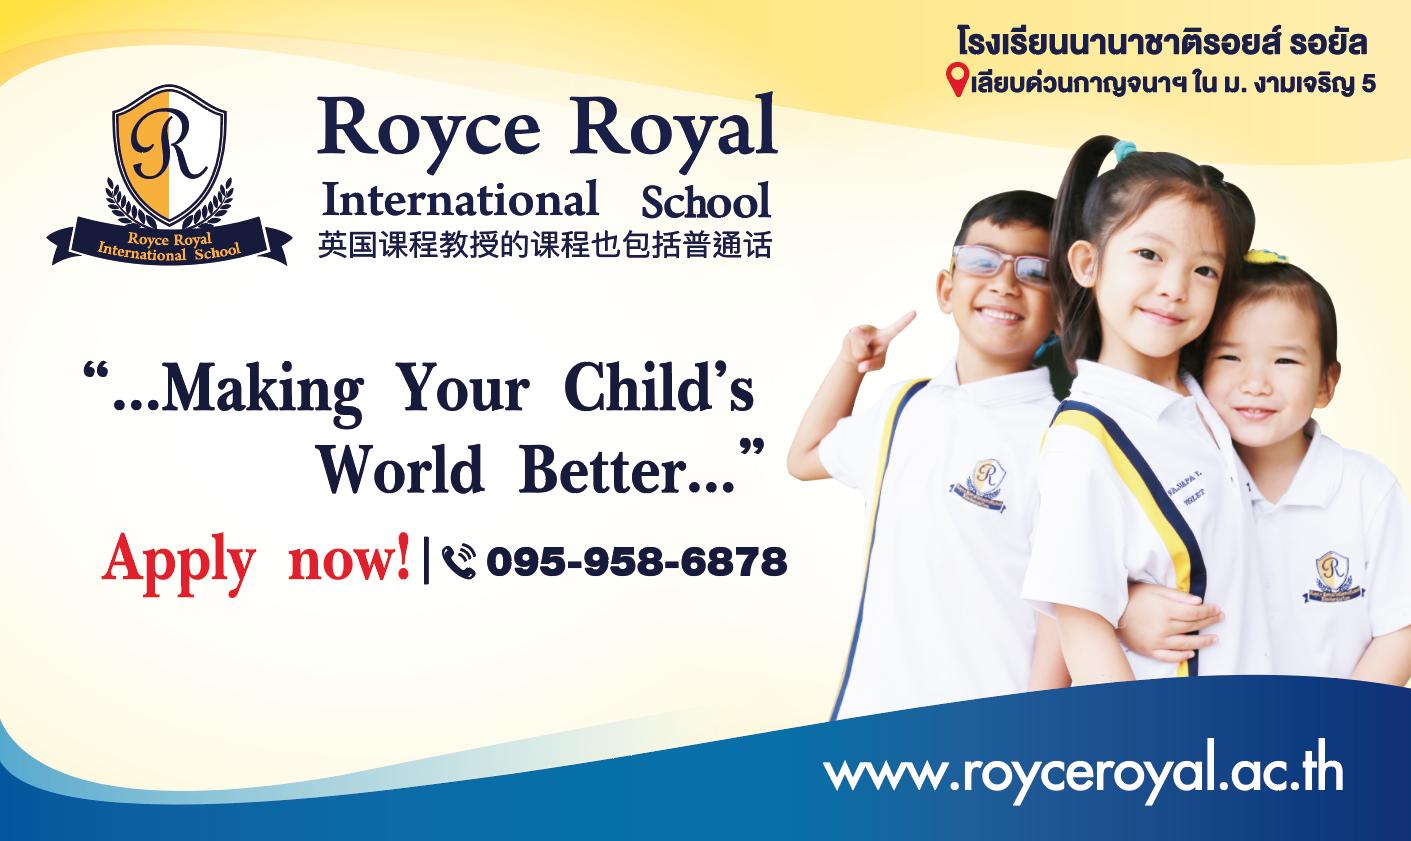 โรงเรียนนานาชาติรอยส์ รอยัล เปิดรับสมัครนักเรียนใหม่ประจำปี 2019 - 2020 13 -